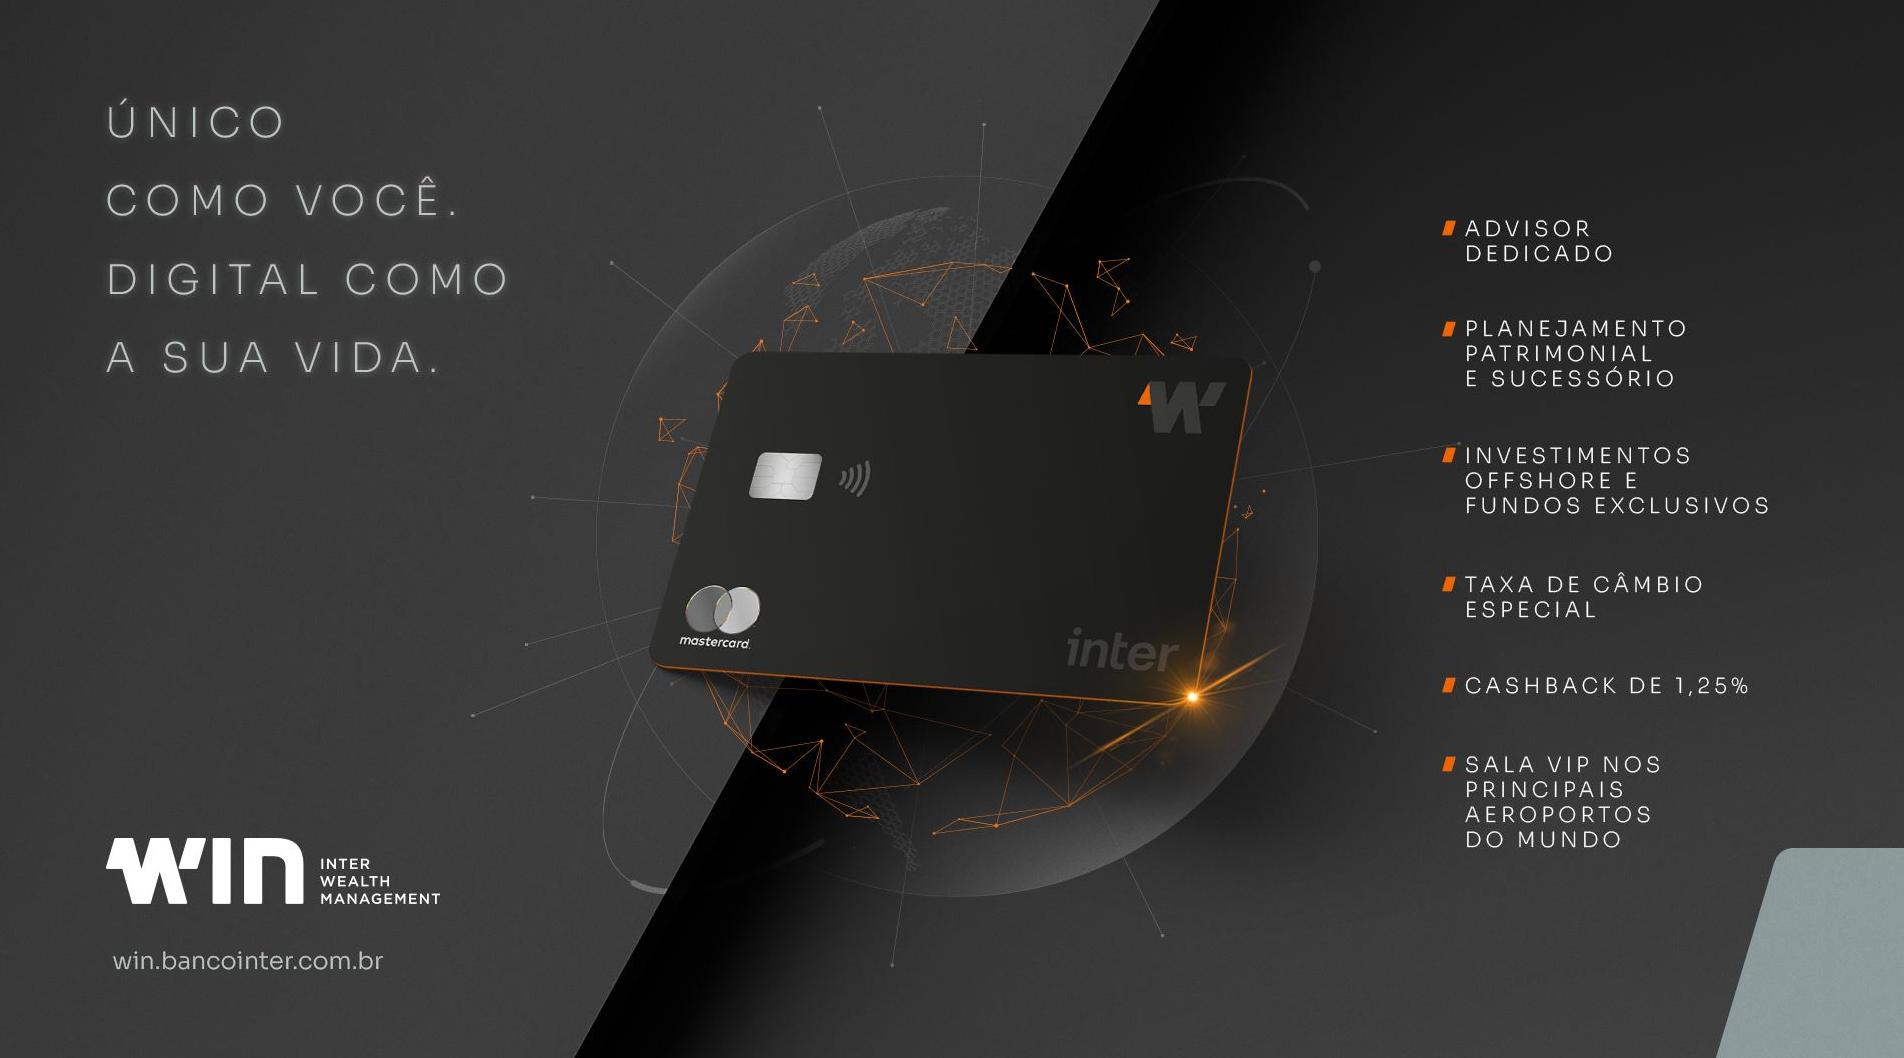 Imagem mostra um cartão no centro e com bullet points citando as vantagens do cartão.